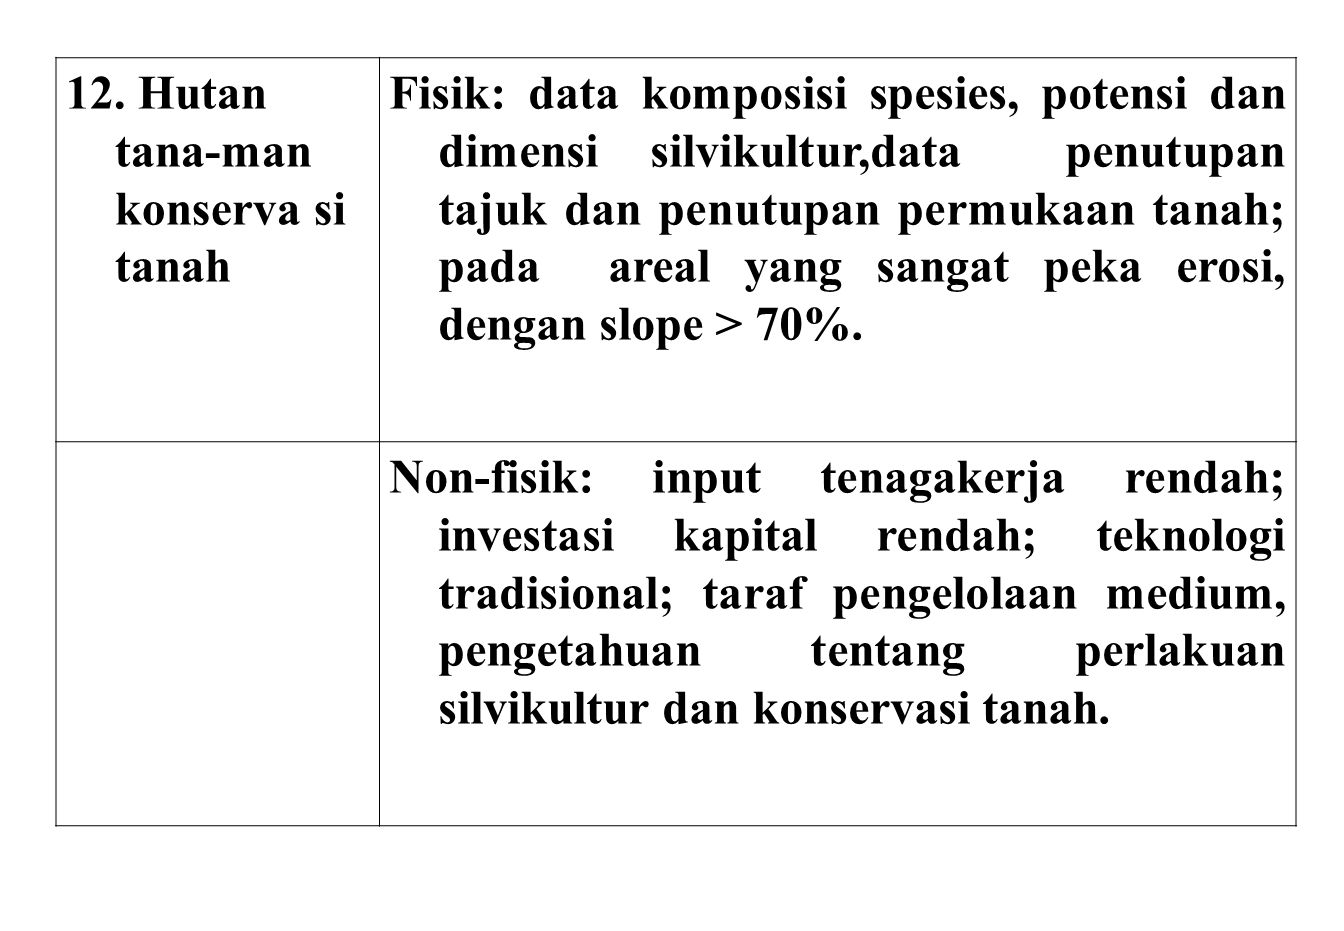 12. Hutan tana-man konserva si tanah